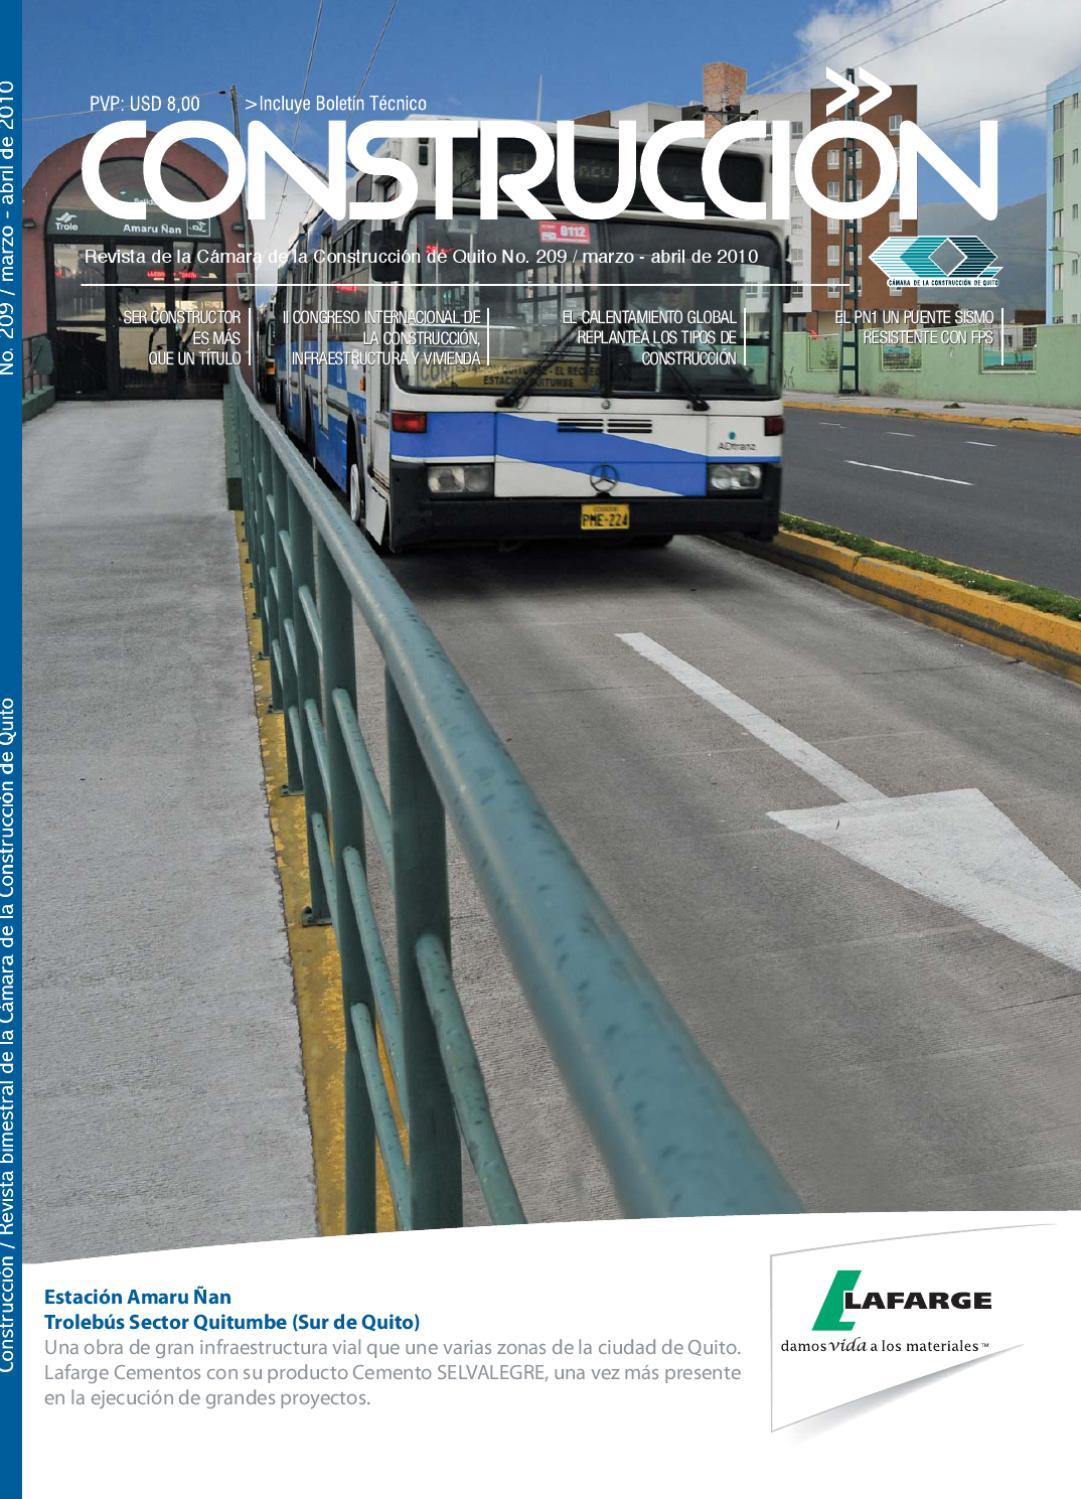 Construcción Revista CCQ by Gorky Bonifaz - issuu 56b1b42a0e